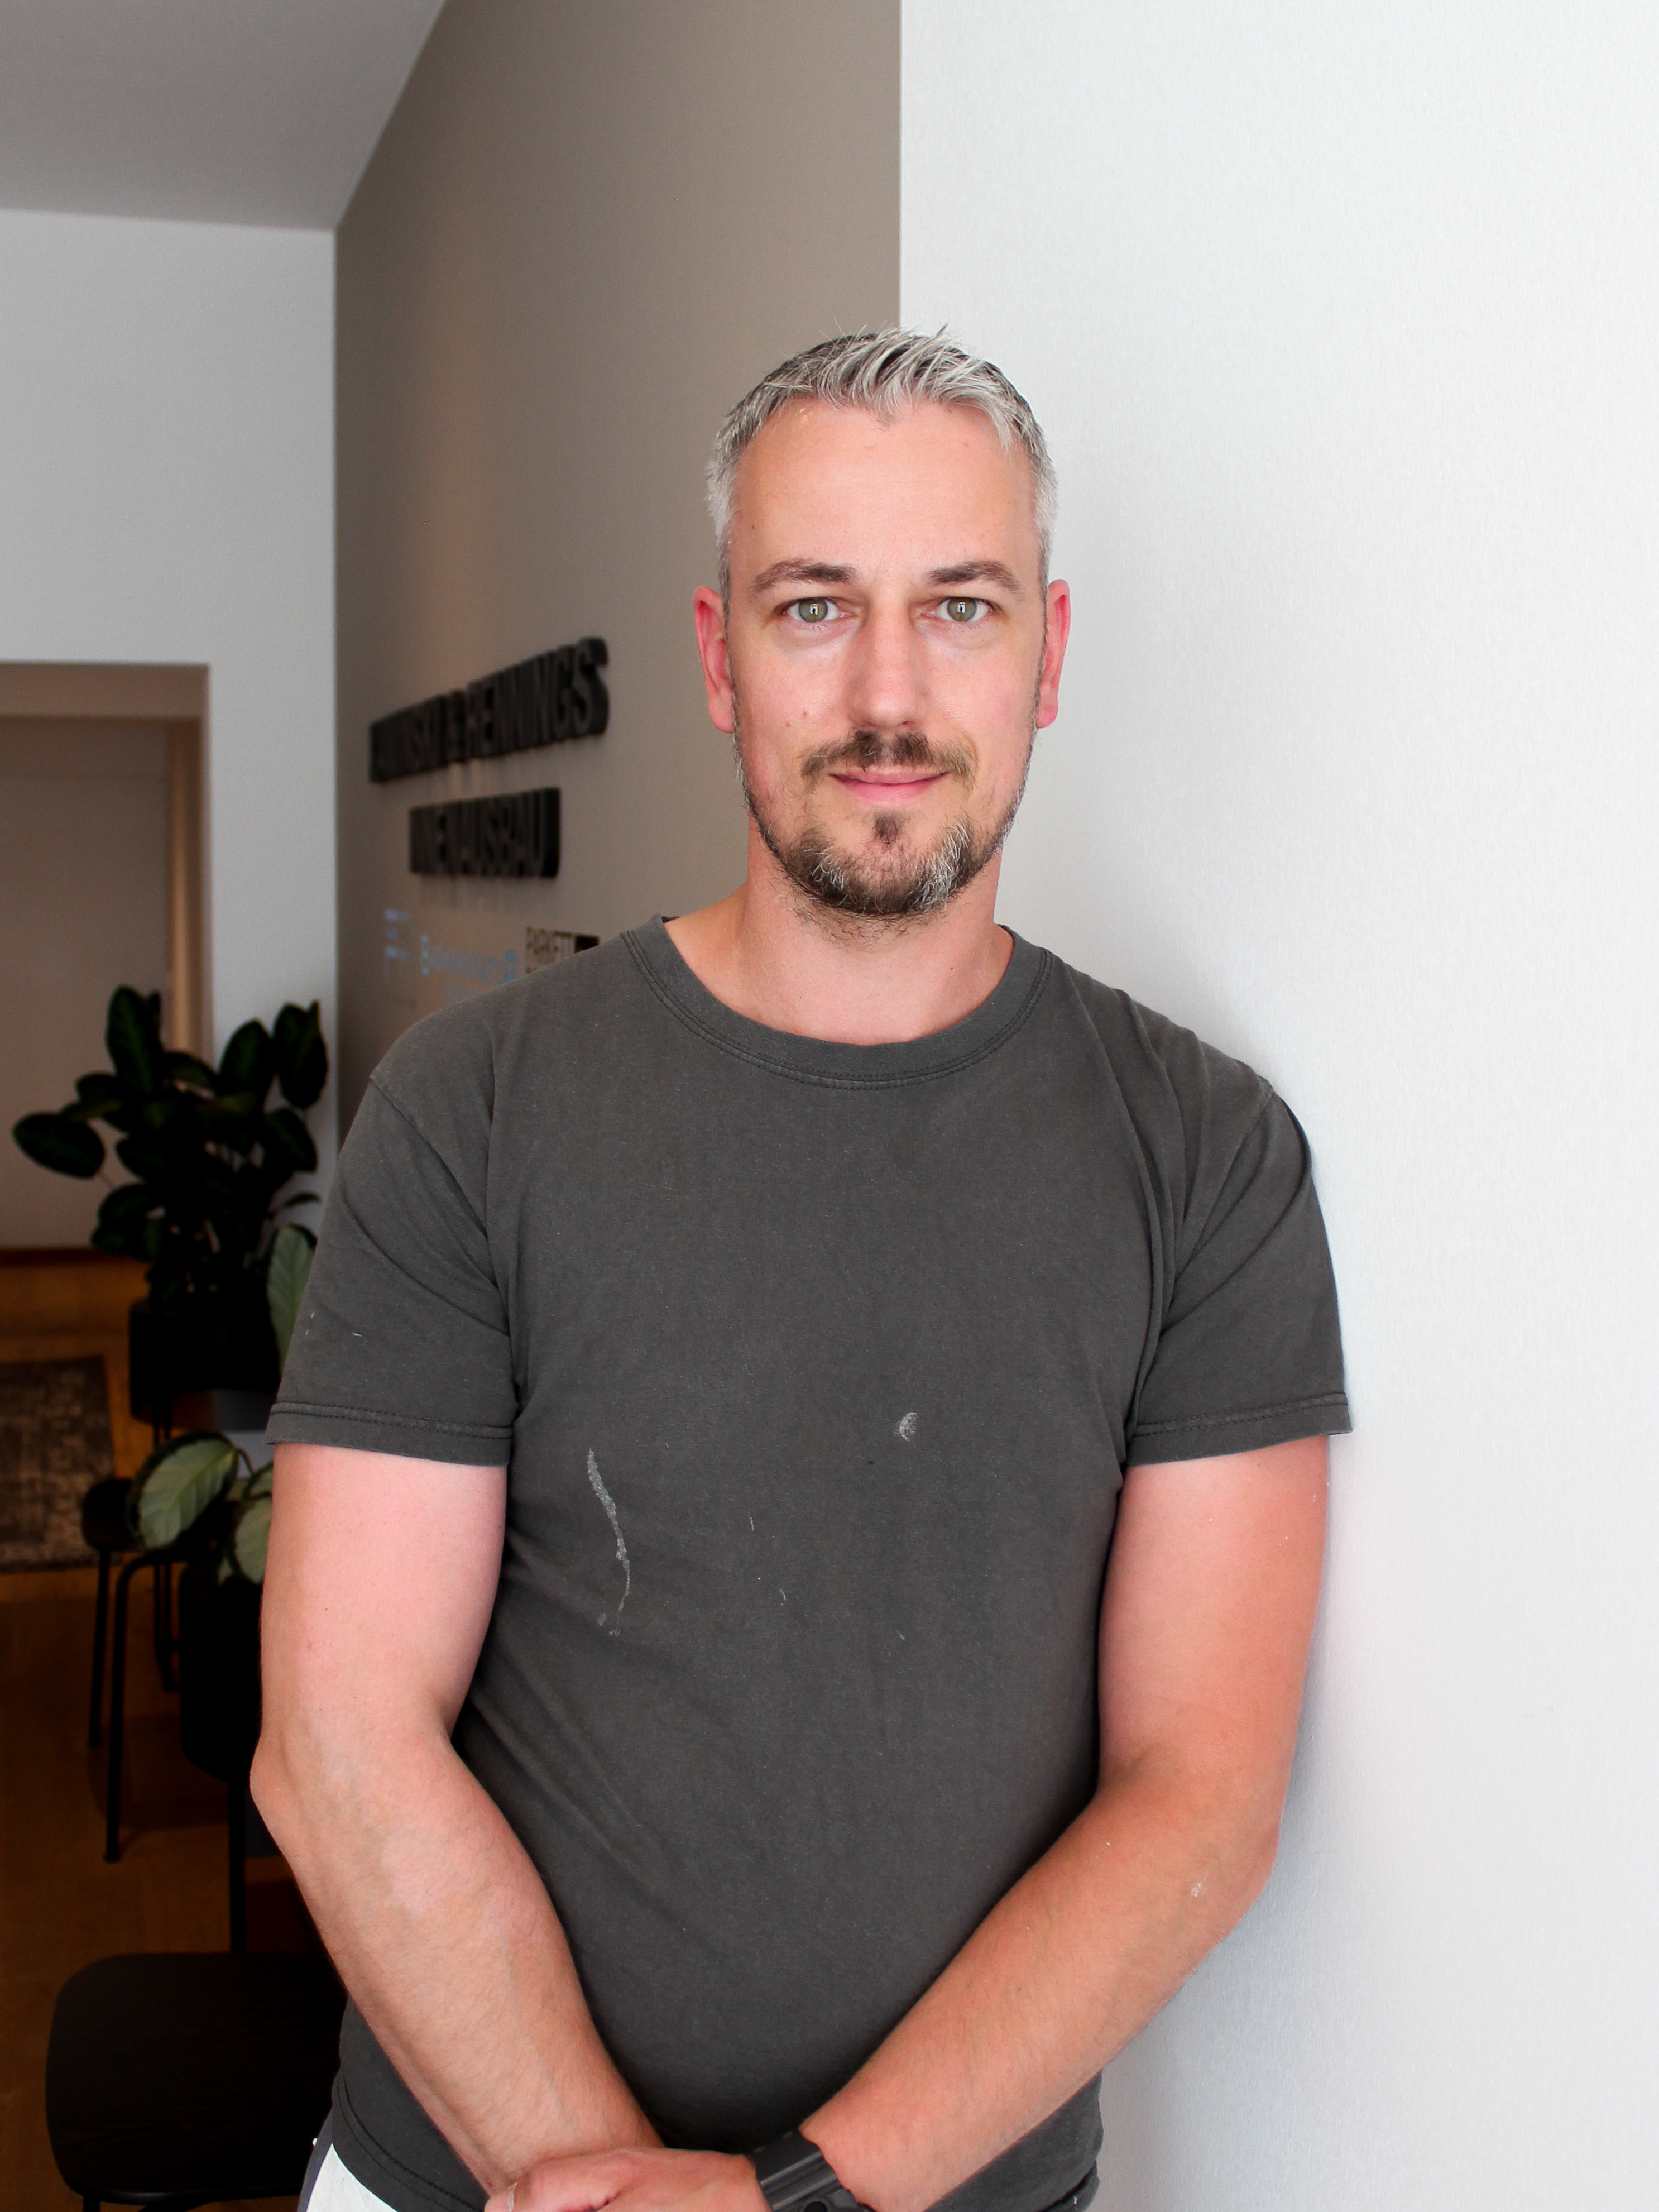 Carsten Kuckuk